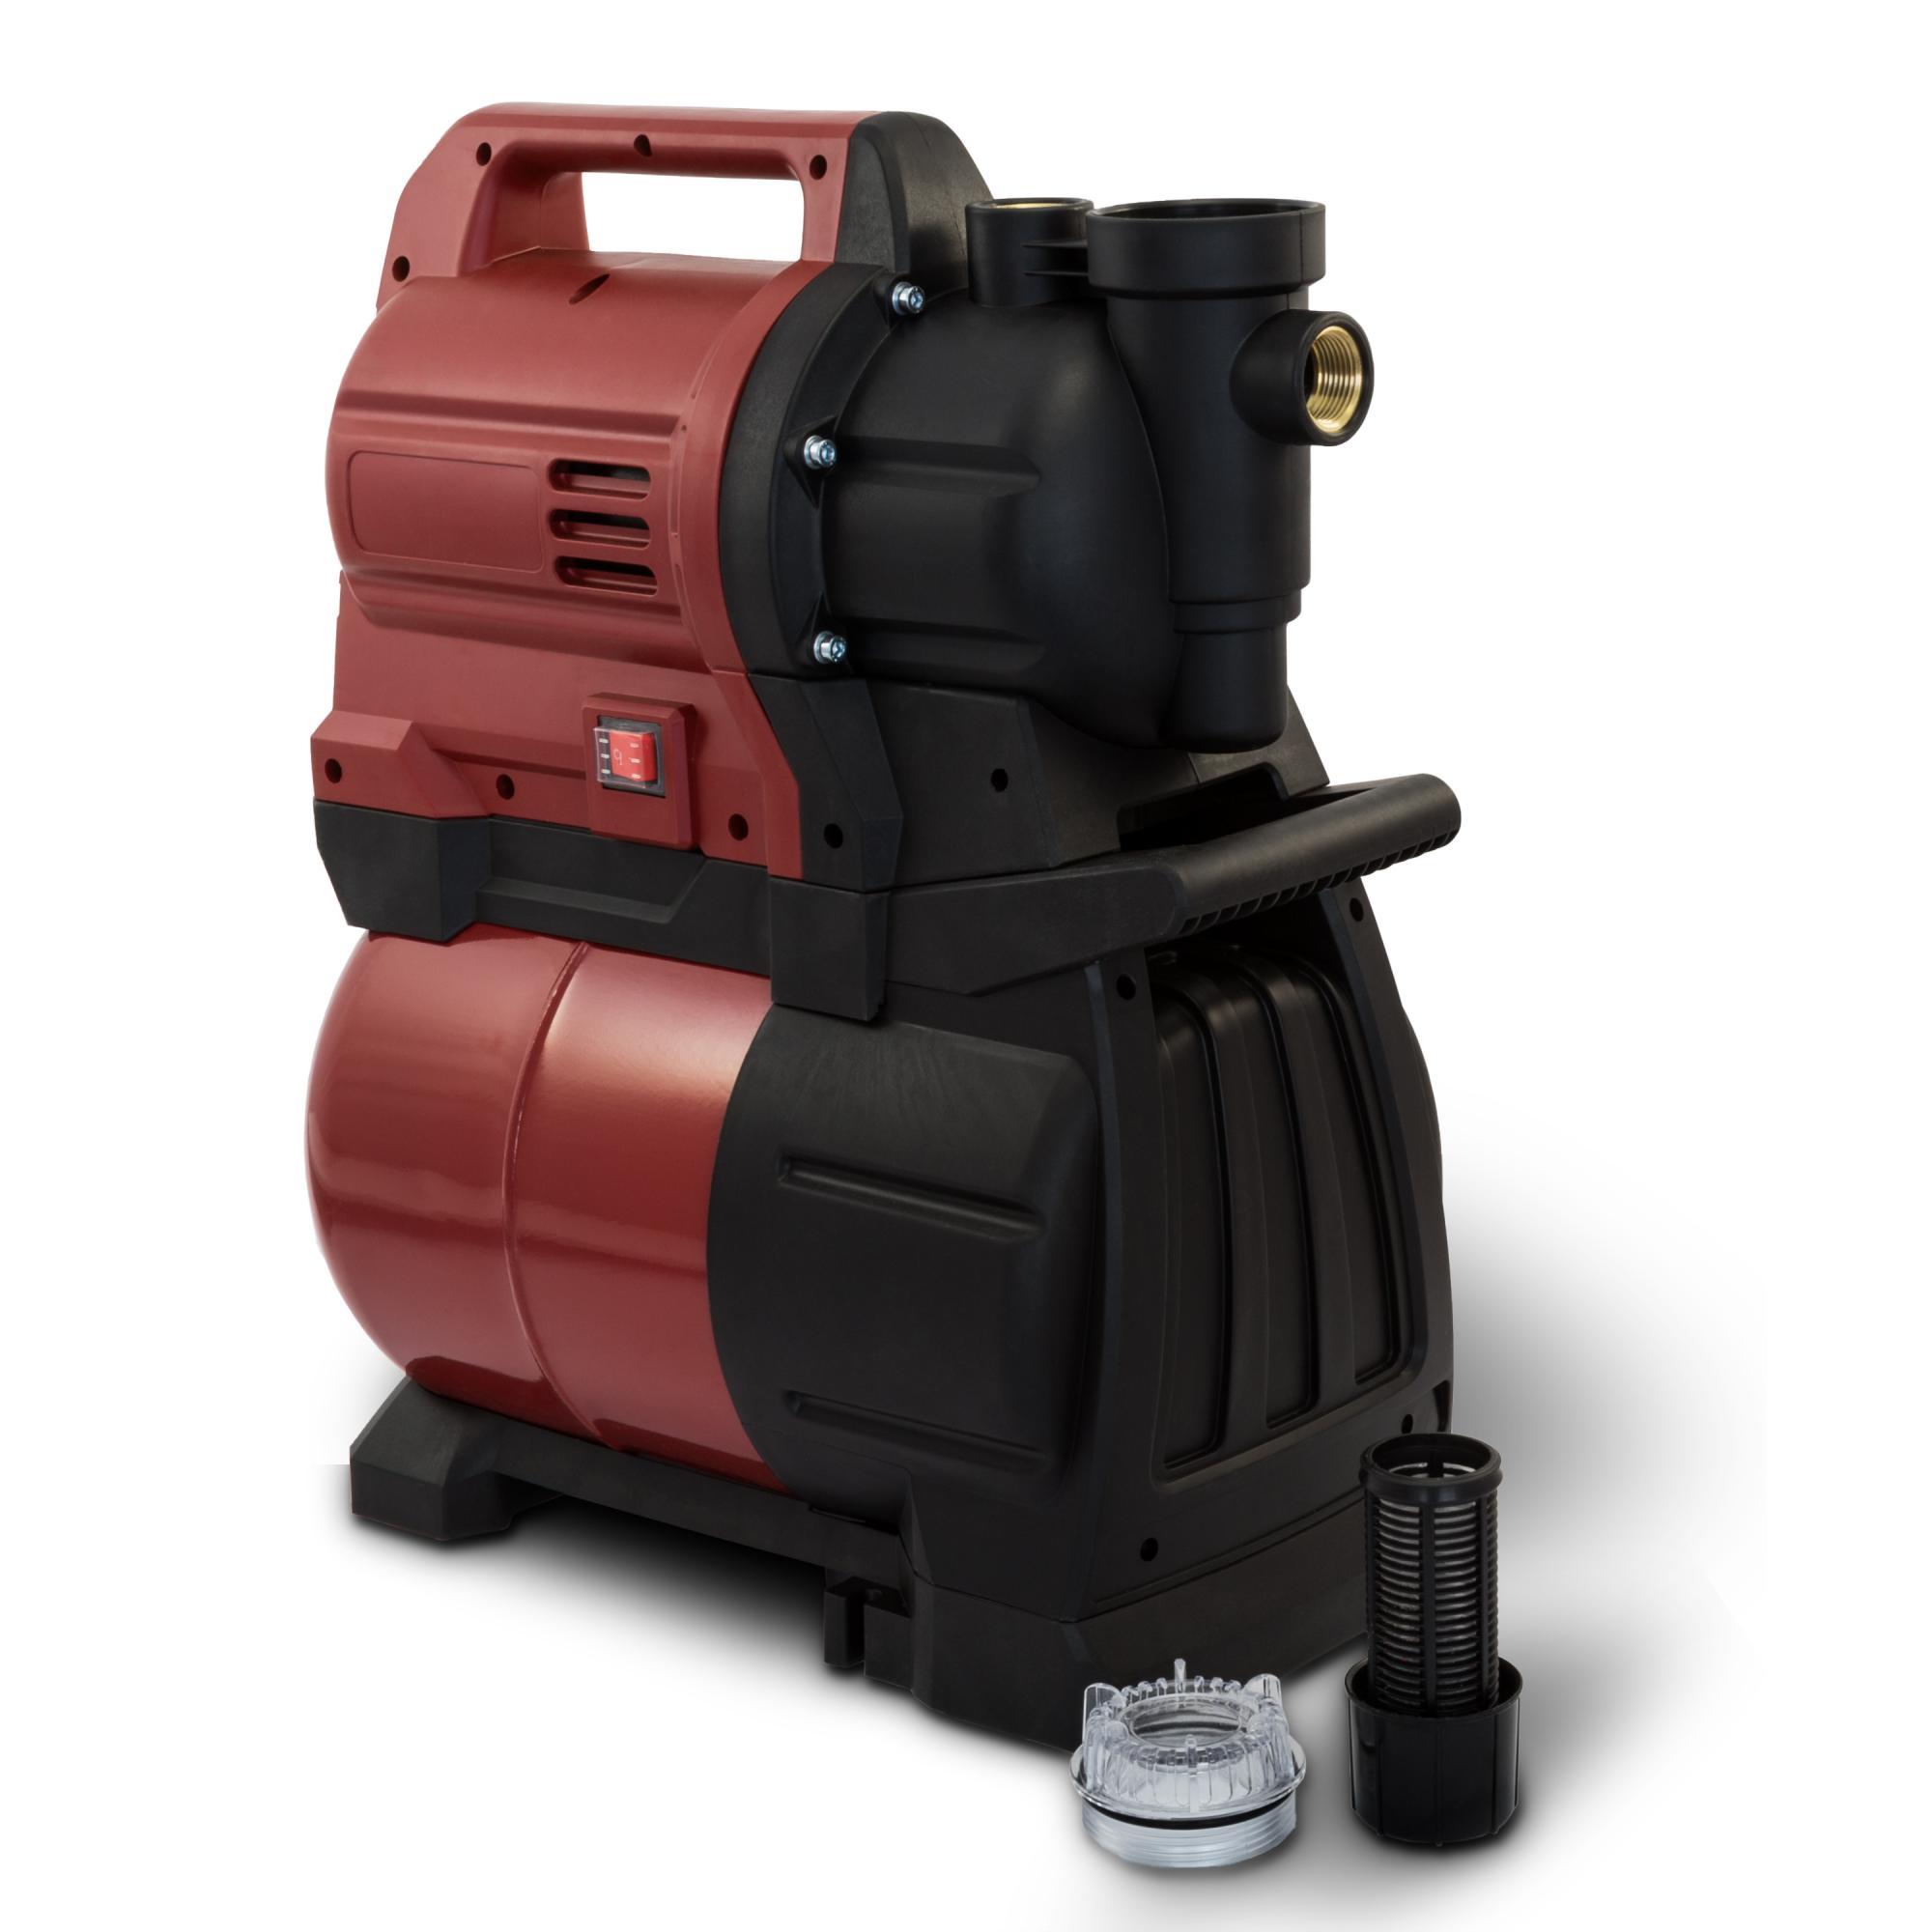 1300 watt hauswasserwerk 4500 l h gartenpumpe wasserpumpe pumpe 48 meter ebay. Black Bedroom Furniture Sets. Home Design Ideas